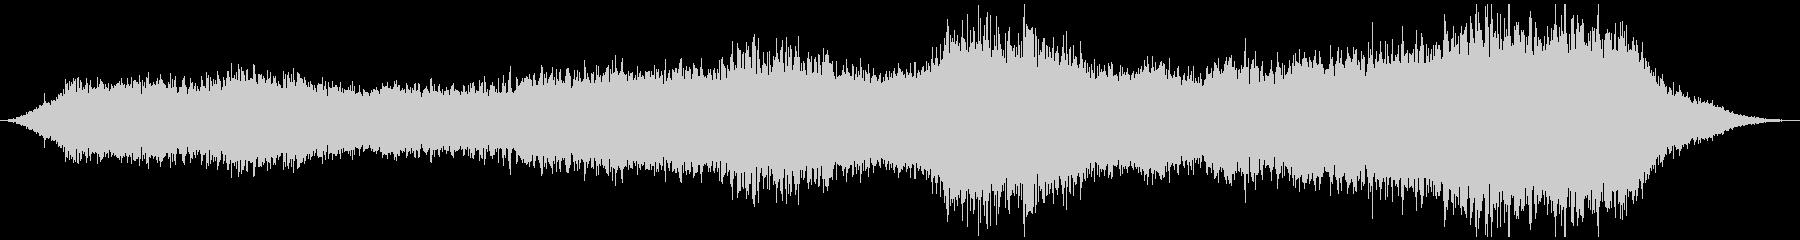 PADS スペース01の漂流の未再生の波形